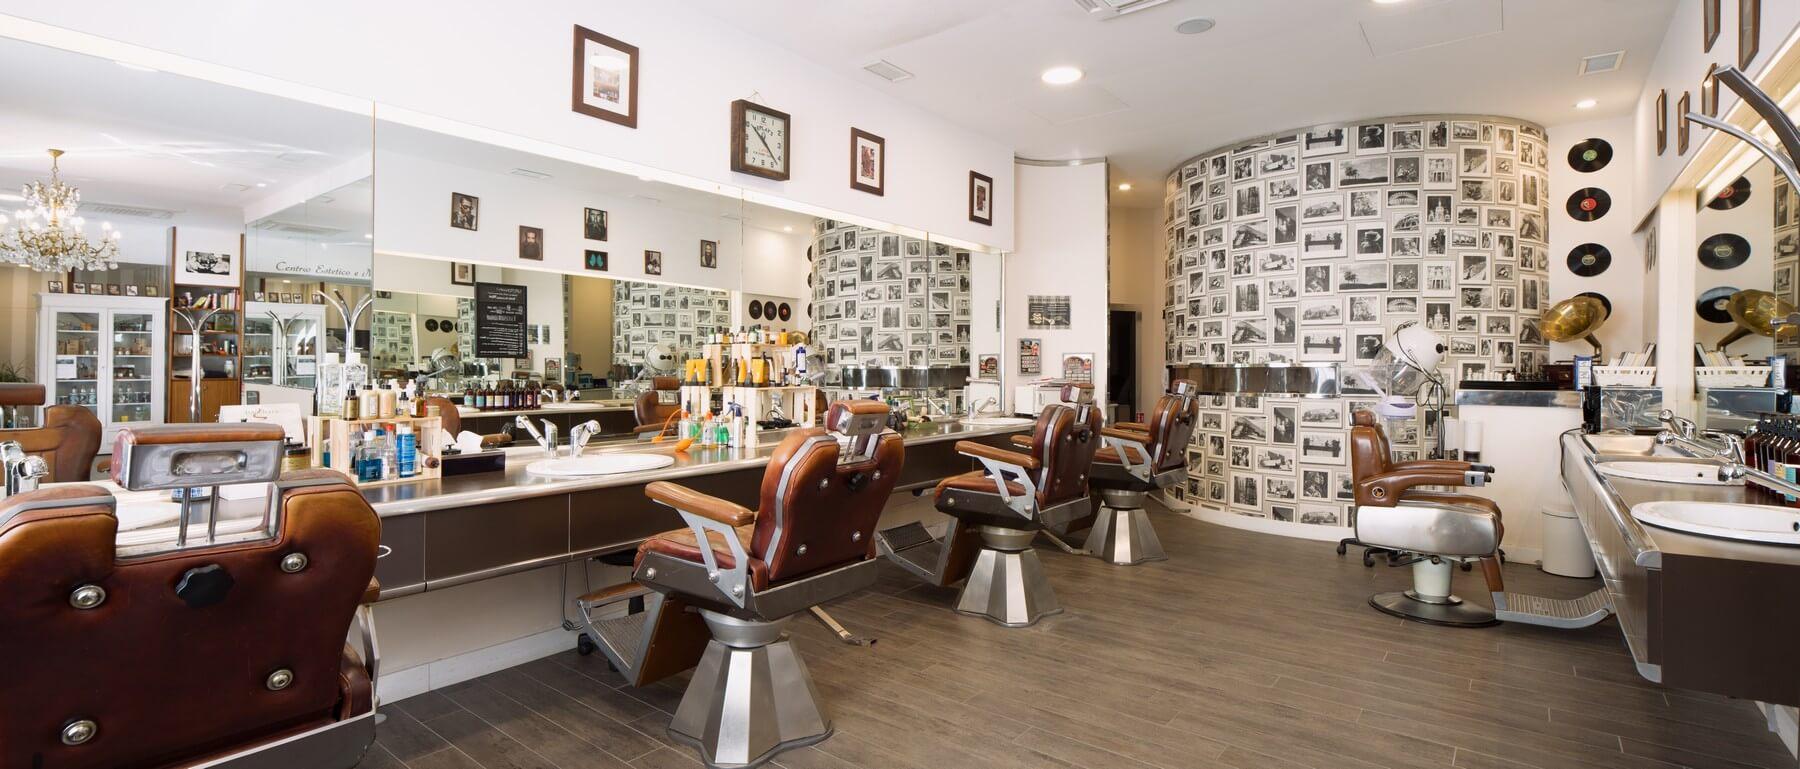 barberia_monticelli_daniele_morgantini_architetto